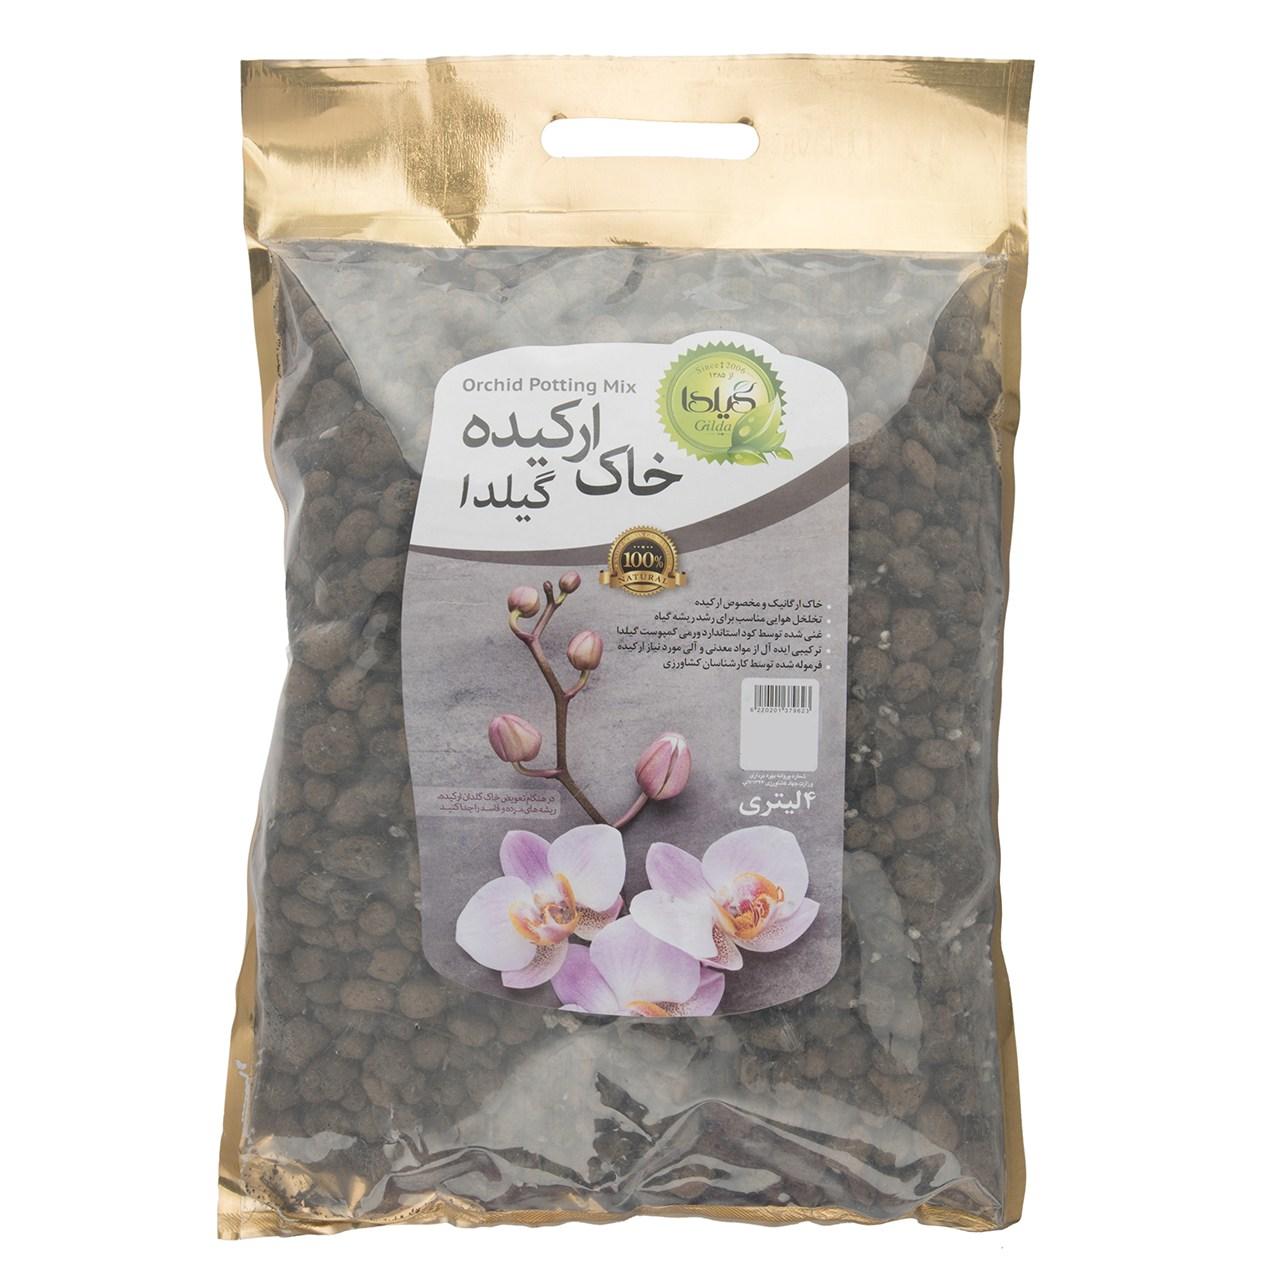 خاک گیاه ارکیده گیلدا بسته 4 لیتری